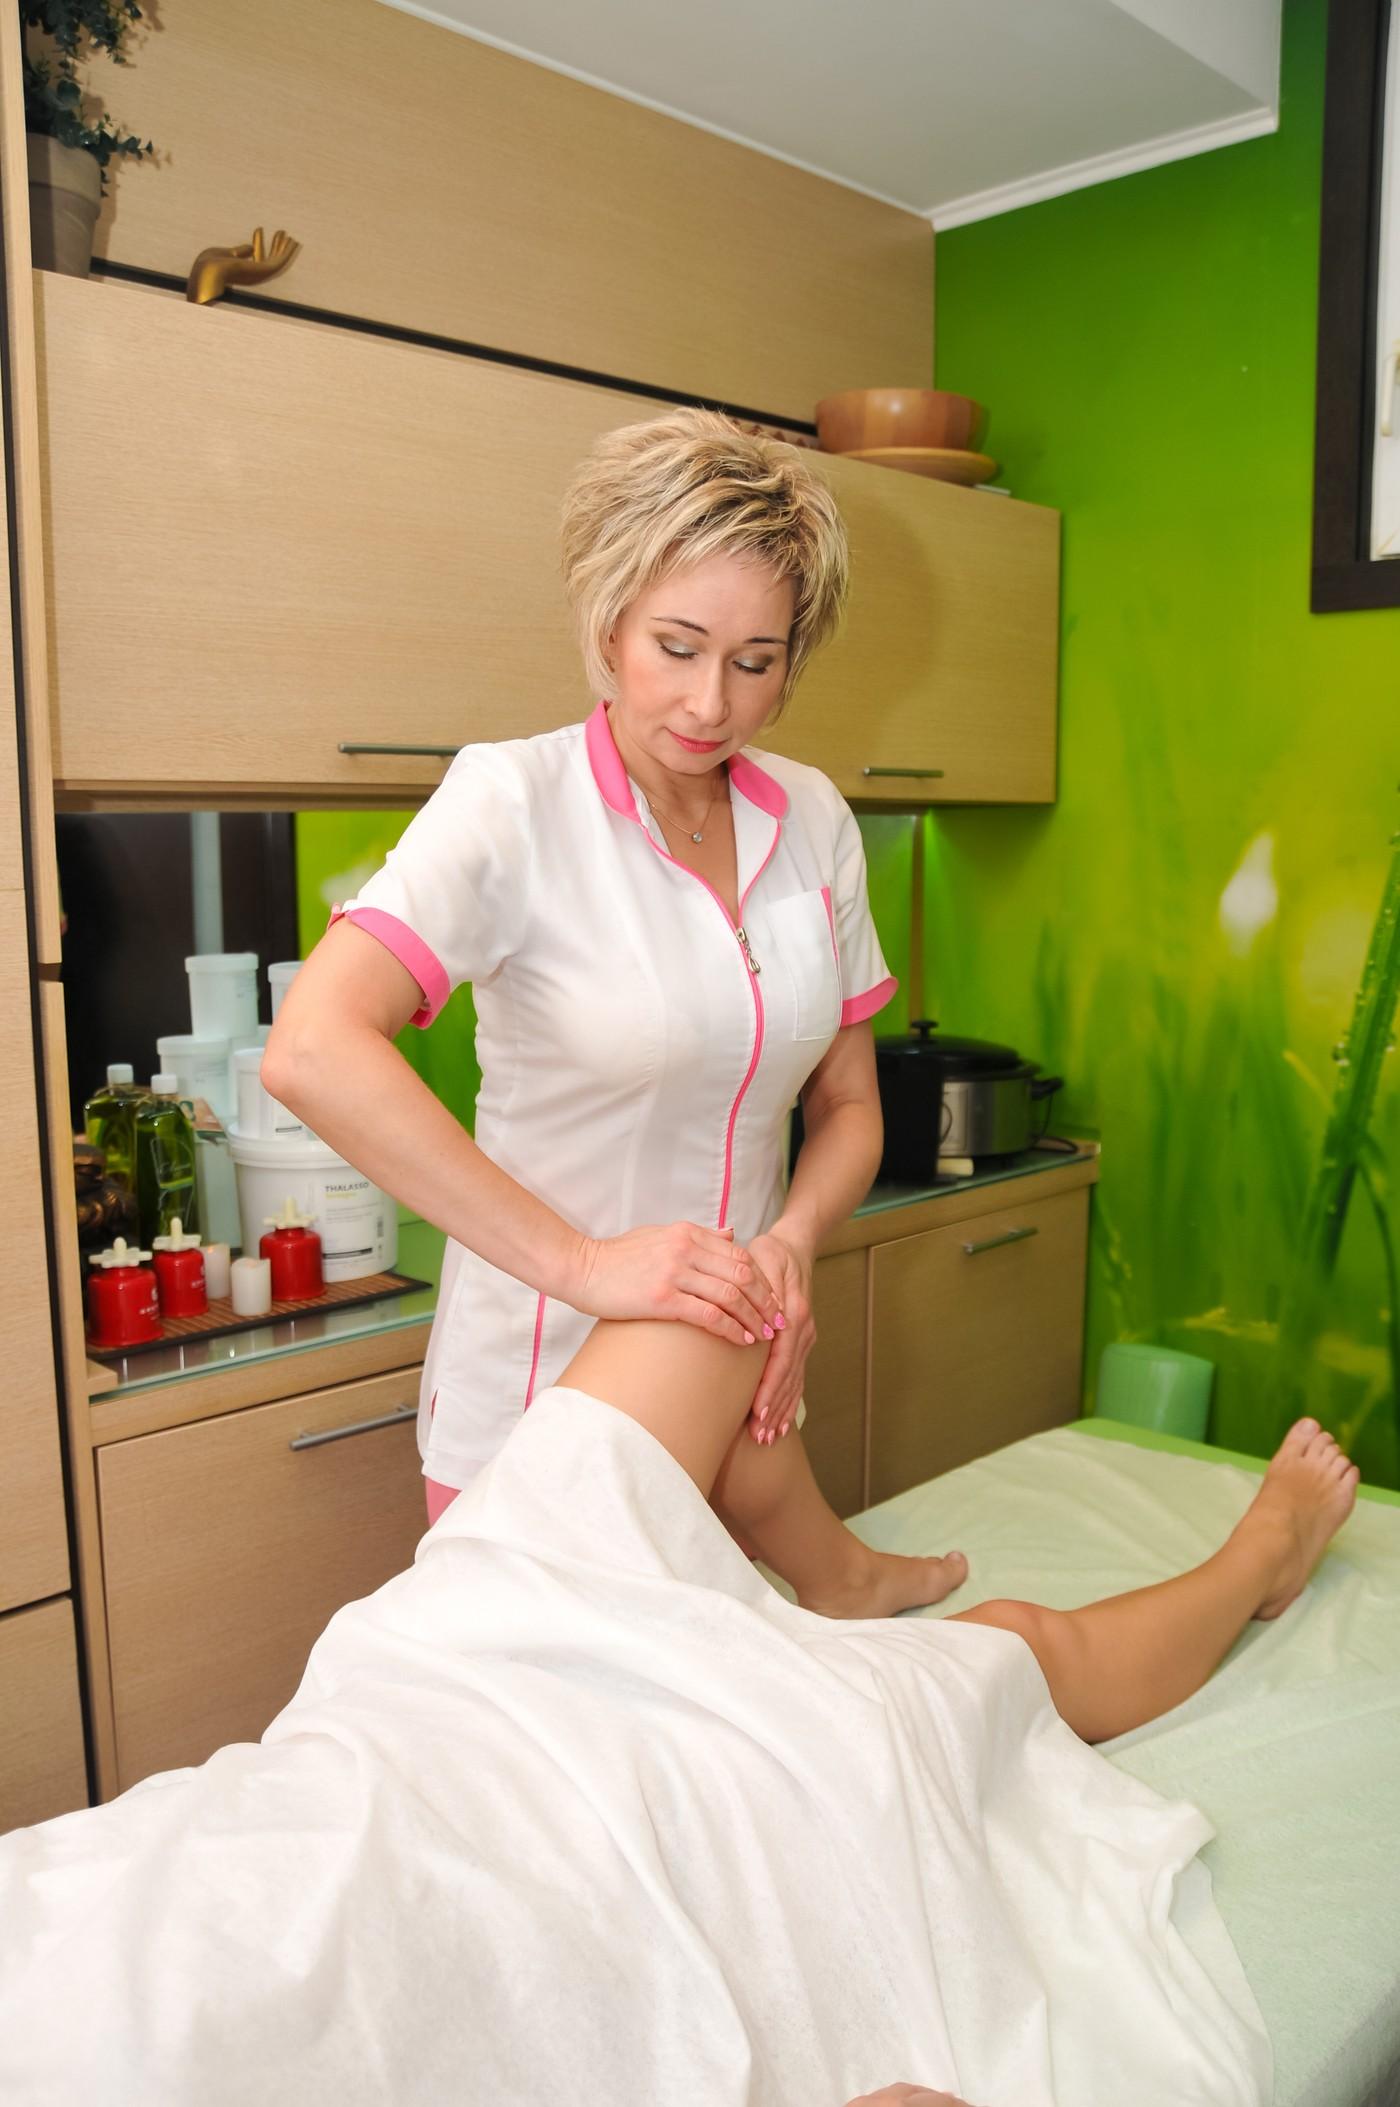 Чем отличается урологический массаж от массажа простаты - лечение потнеции